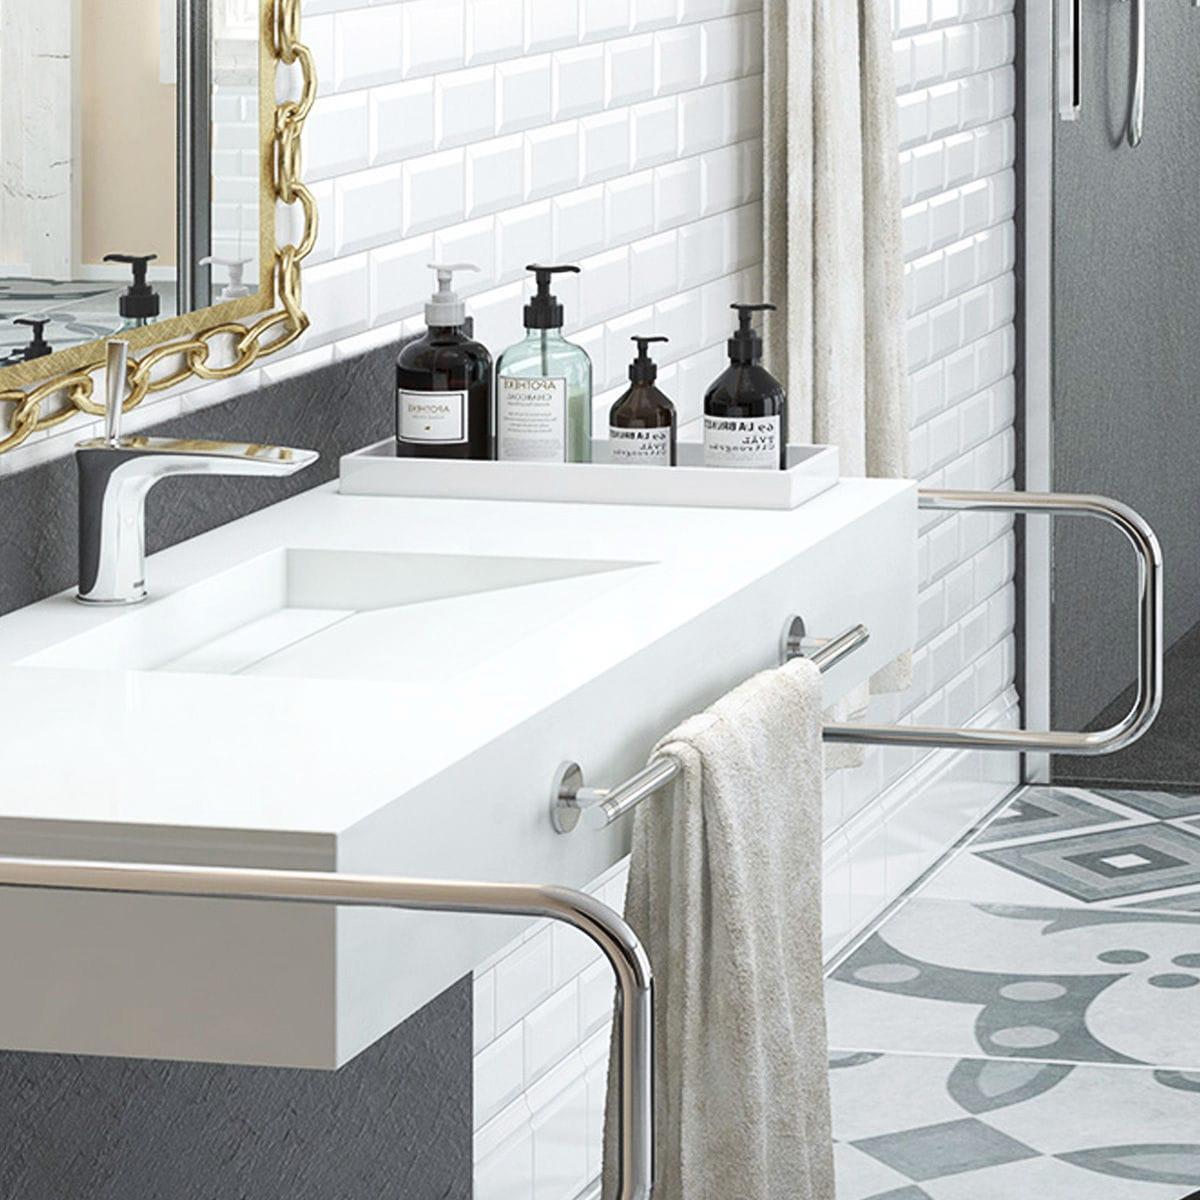 vasque avec trop plein int gr plan vasque en résine - sur mesure - avec porte-serviettes intégré -  COSMOPOLITAN